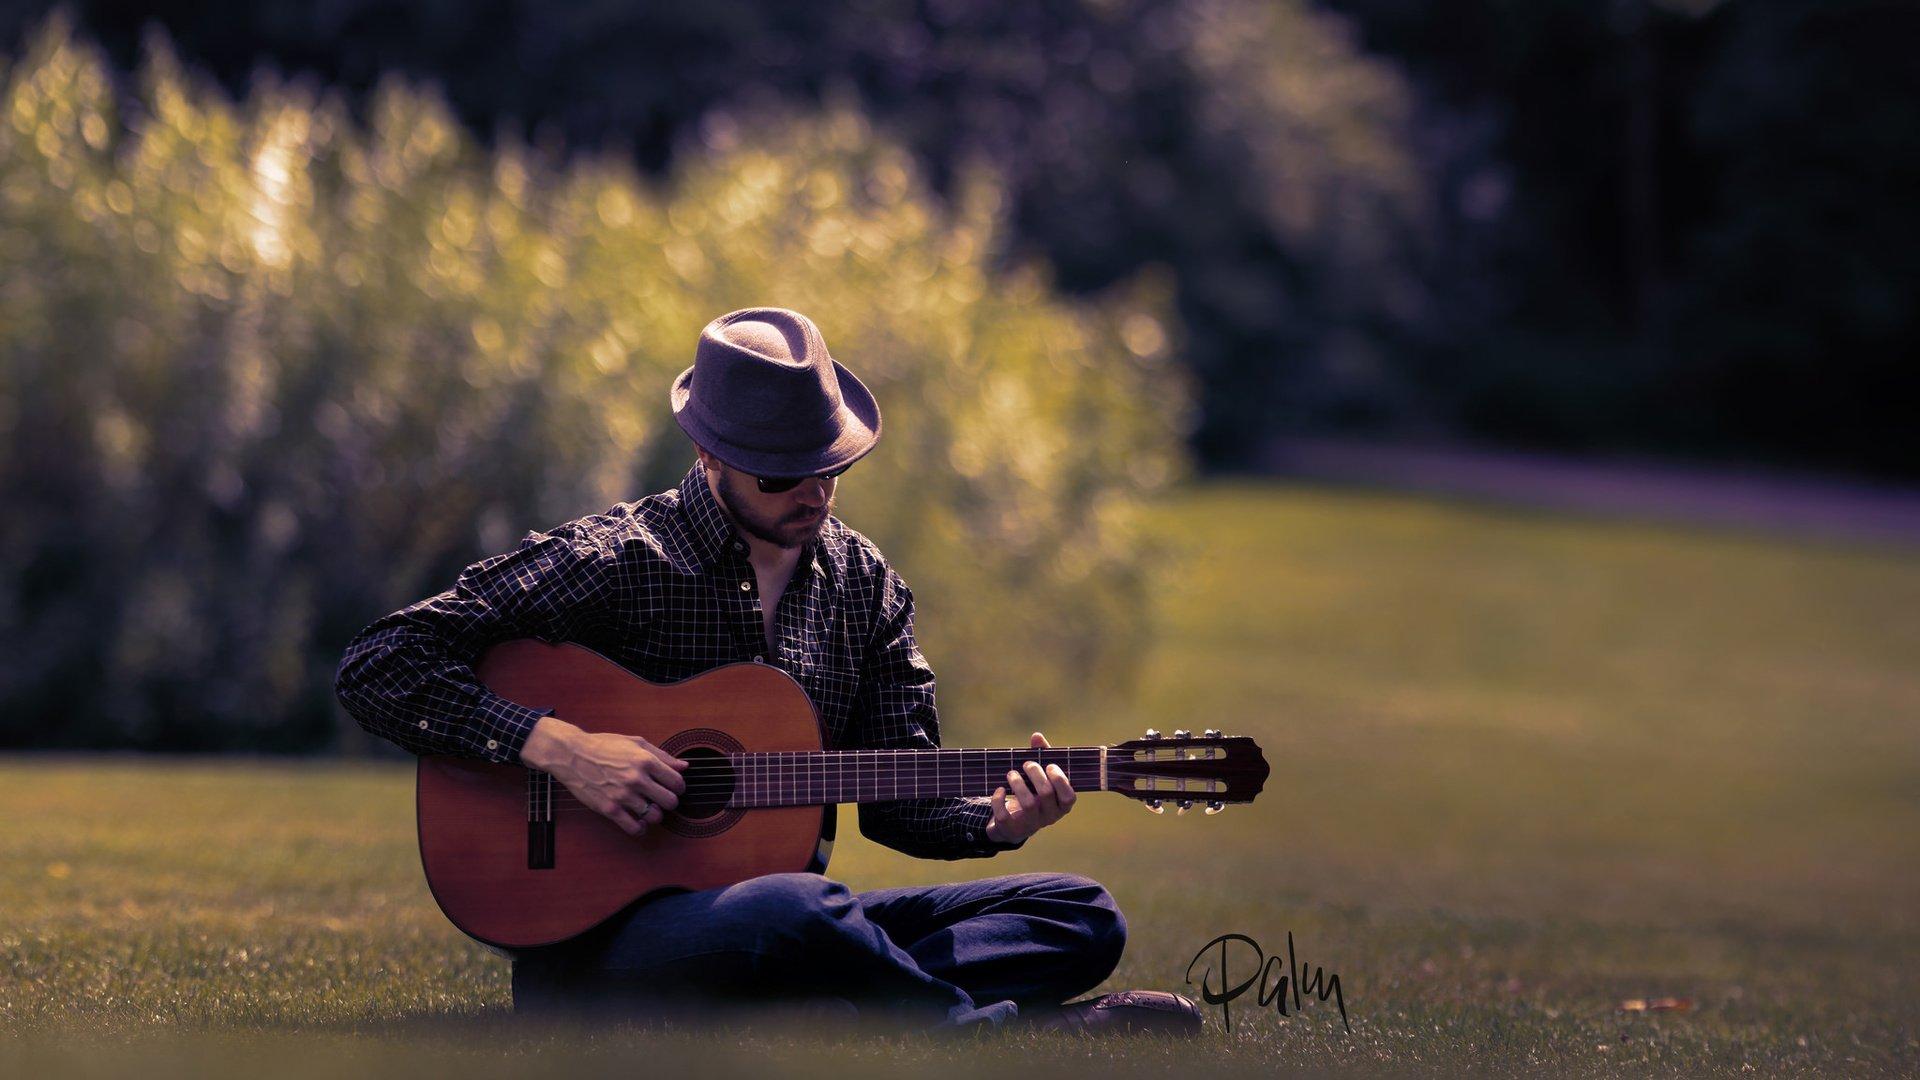 облиственной картинки мужики с гитарой ахименесы обильно непрерывно